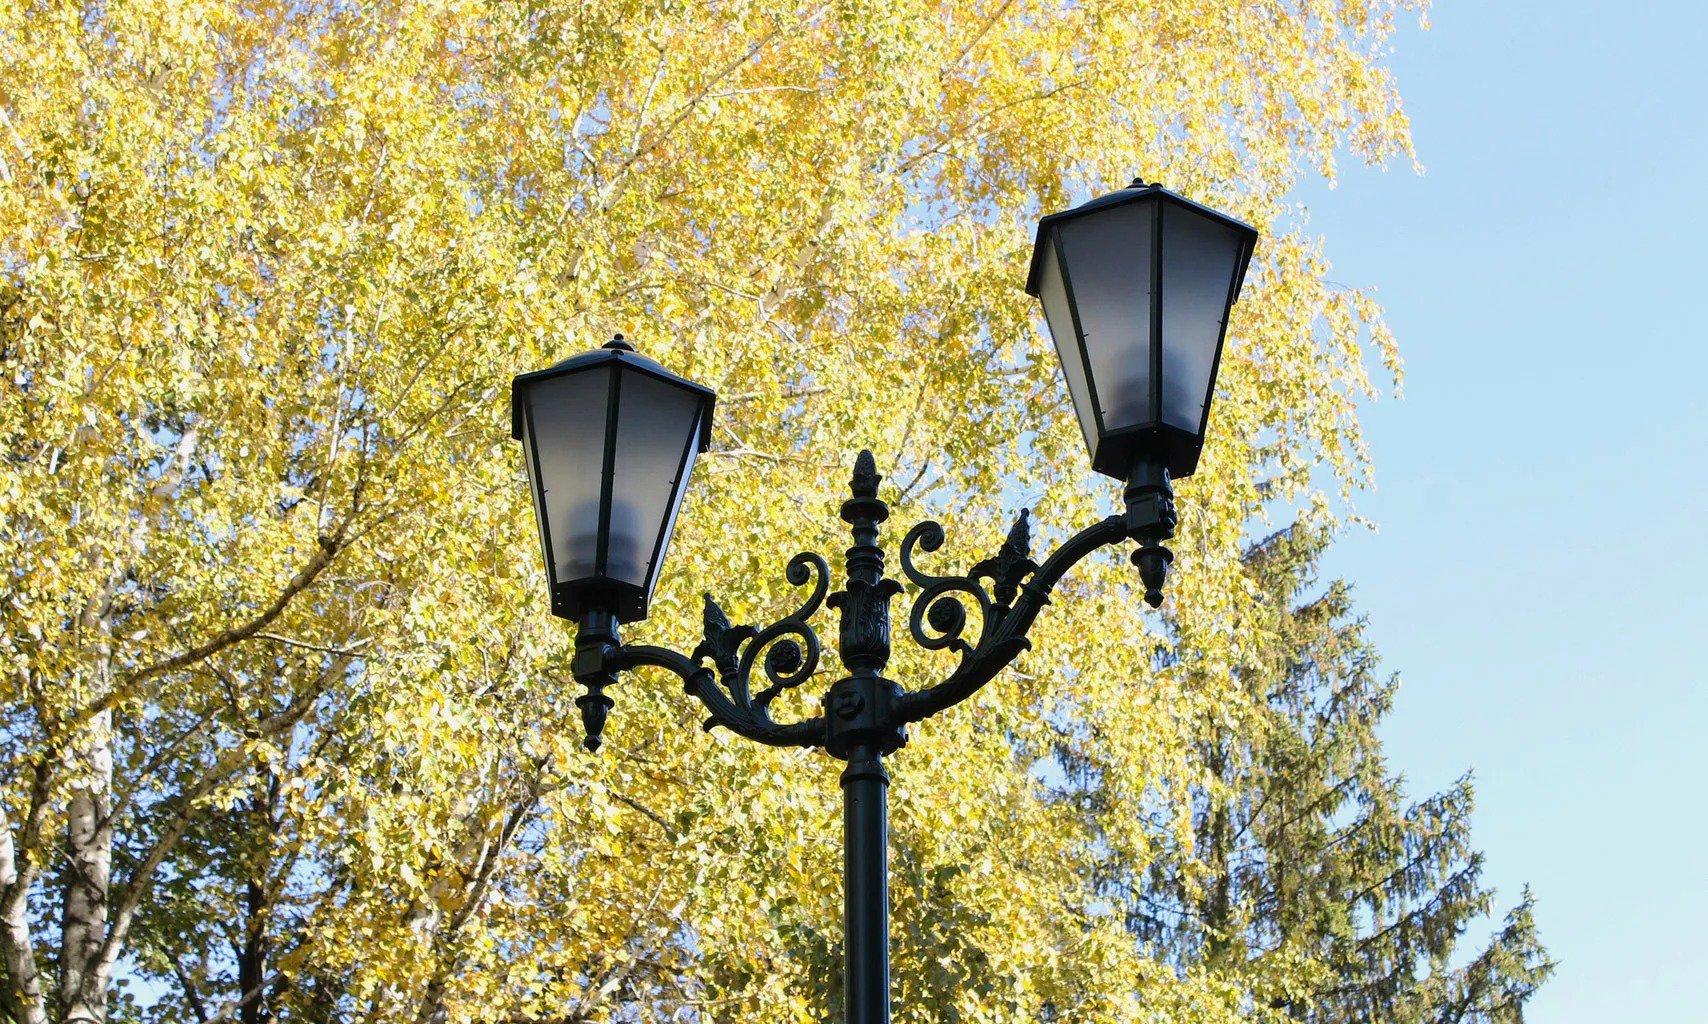 картинки фонарей в парке и скверах паховой области таким